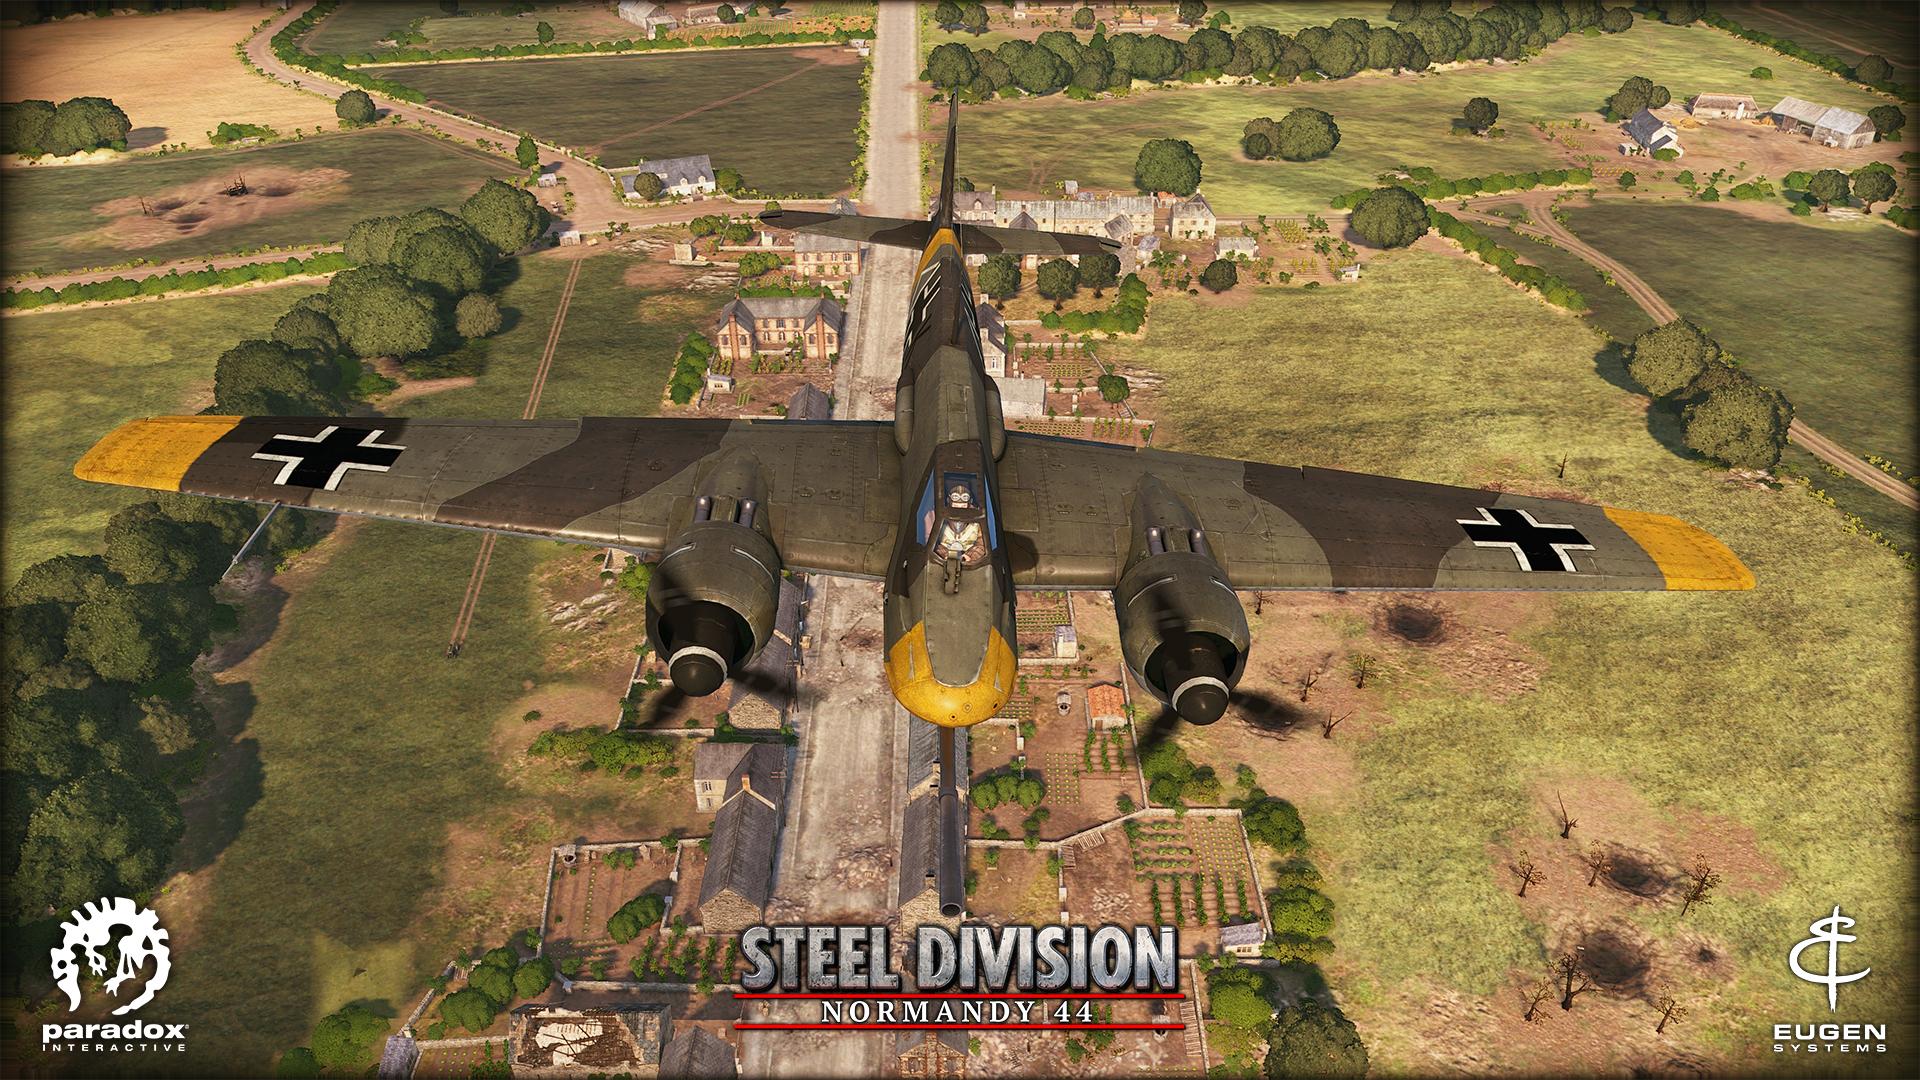 Steel Division Normandy 44 91 Luftlande